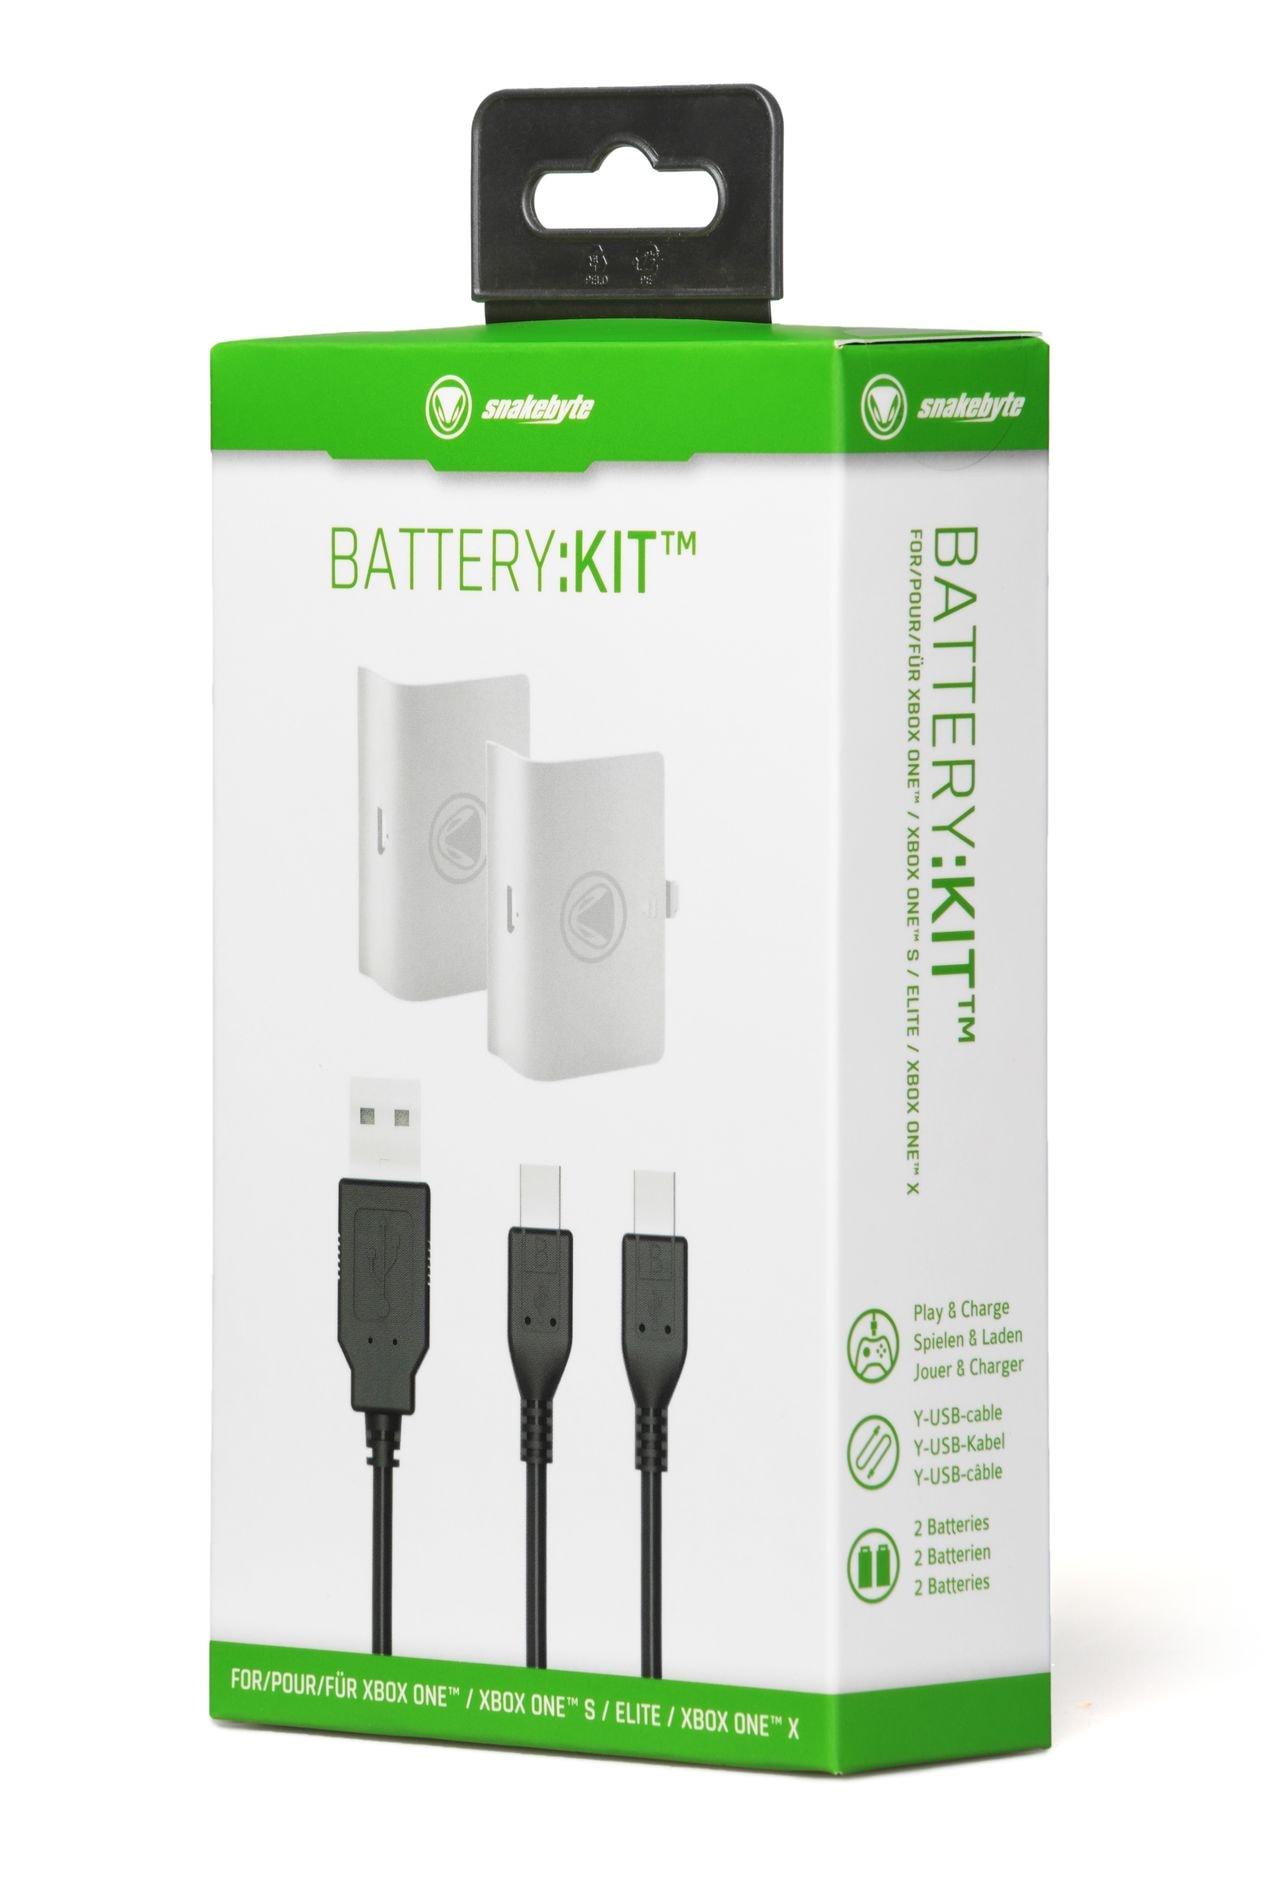 snakebyte zestaw akumulatorów do Xbox ONE BATTERY: KIT ™ (XBOX ONE) White - 3